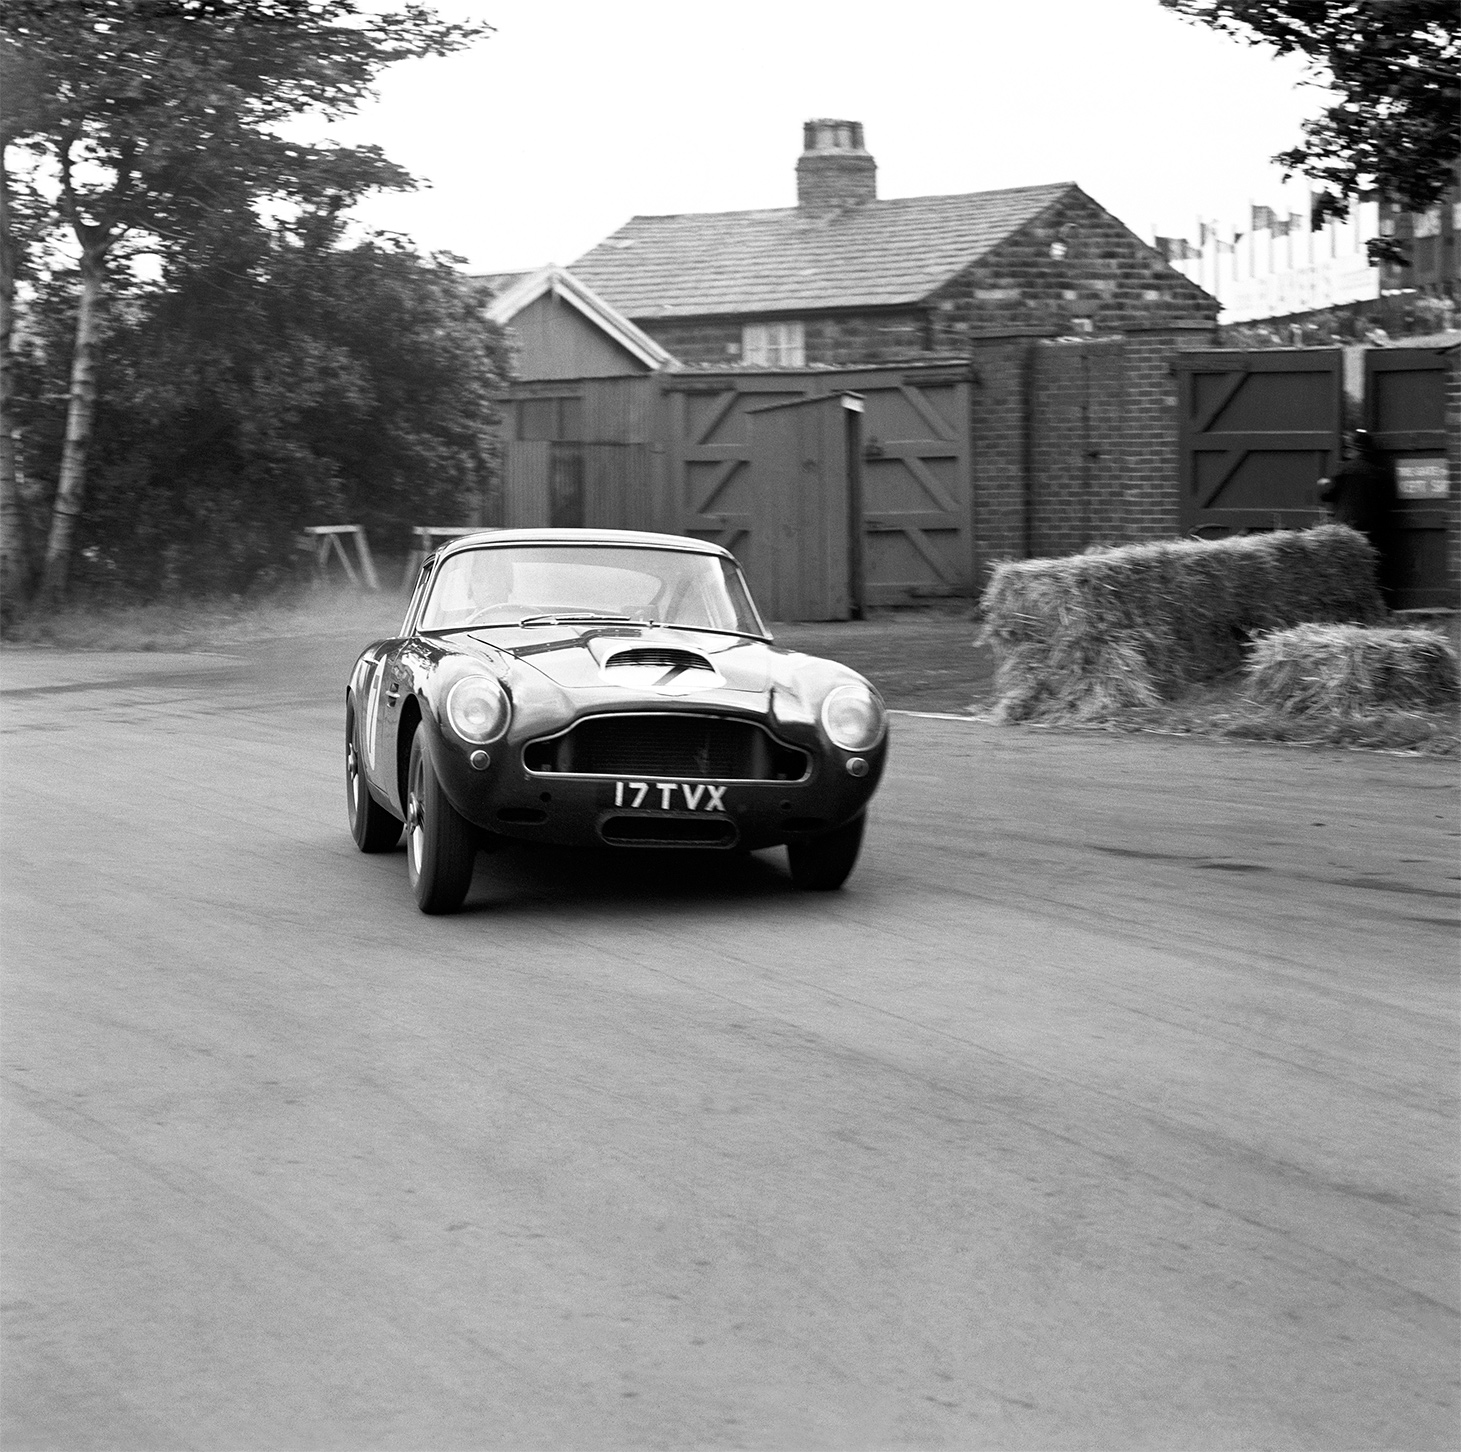 TrackWorthy - Aston Martin DB4 GT